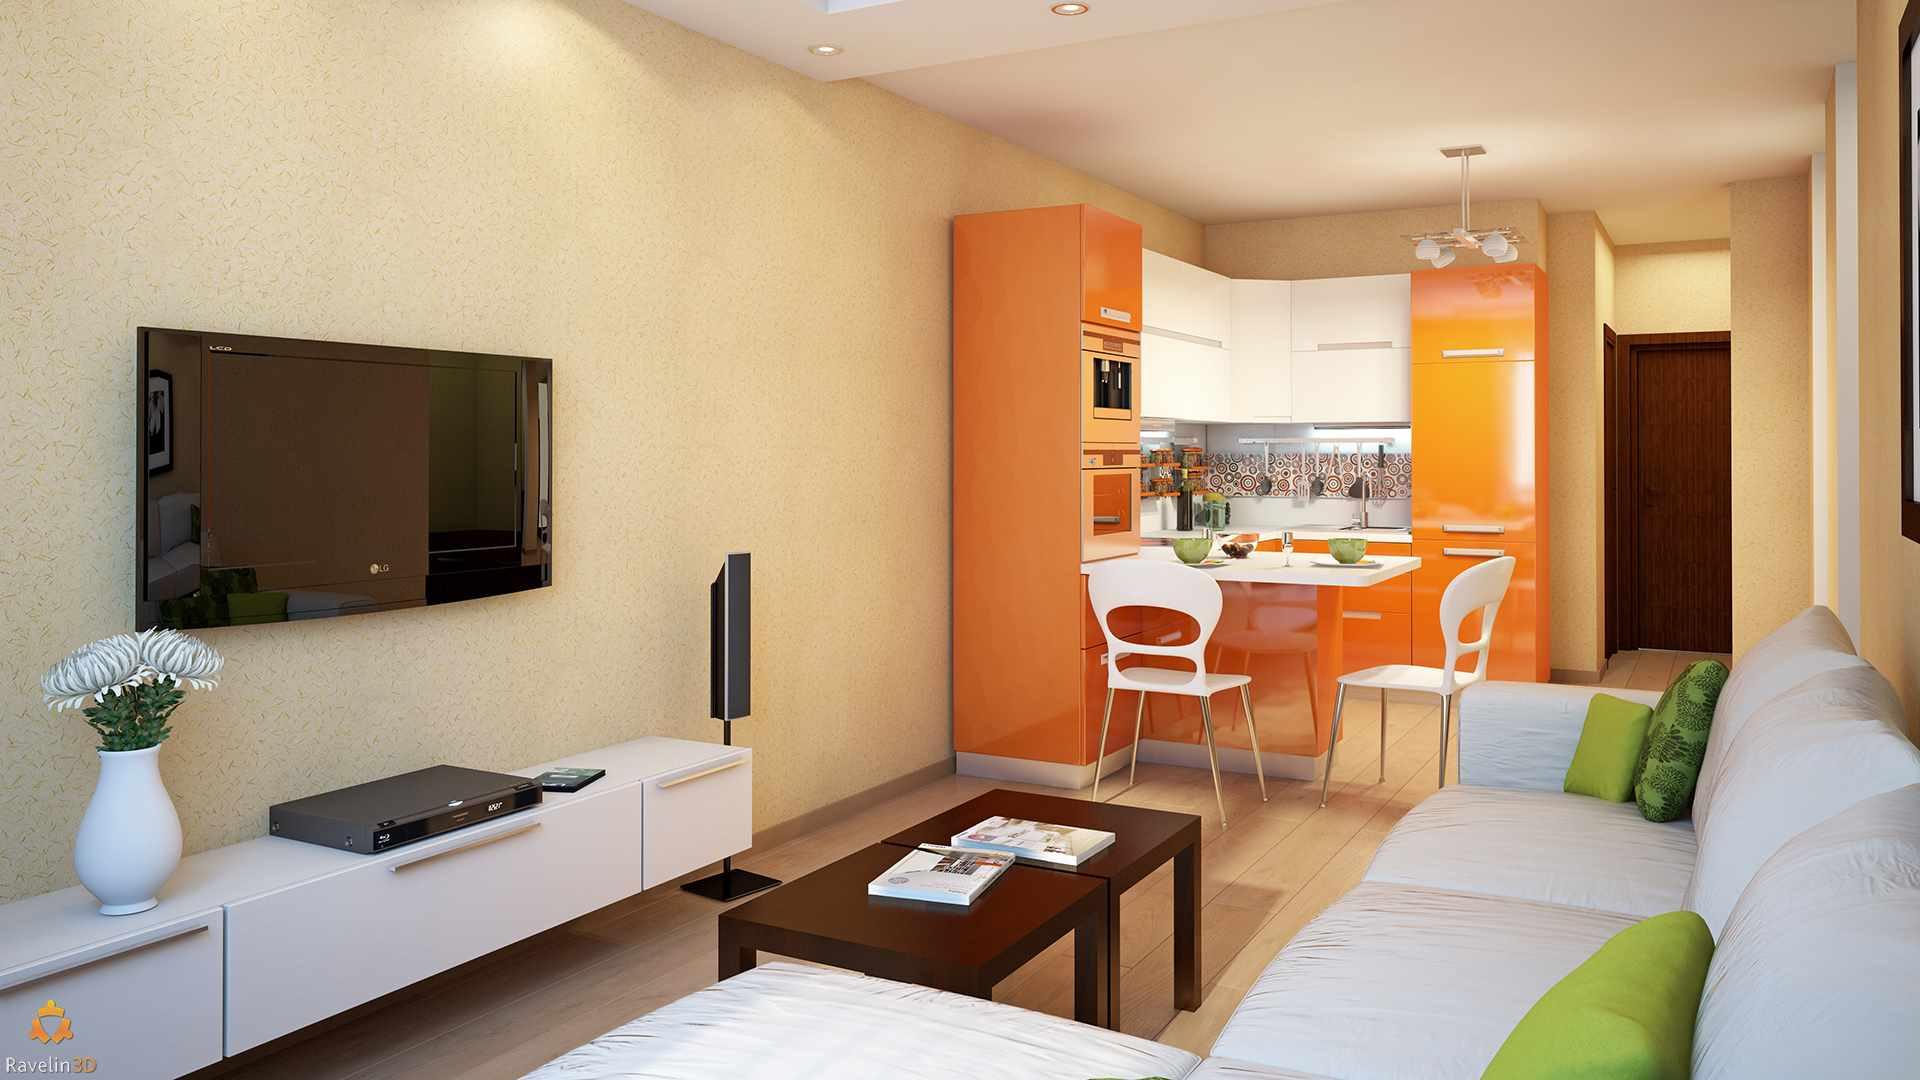 идея необычного интерьера кухни гостиной 16 кв.м